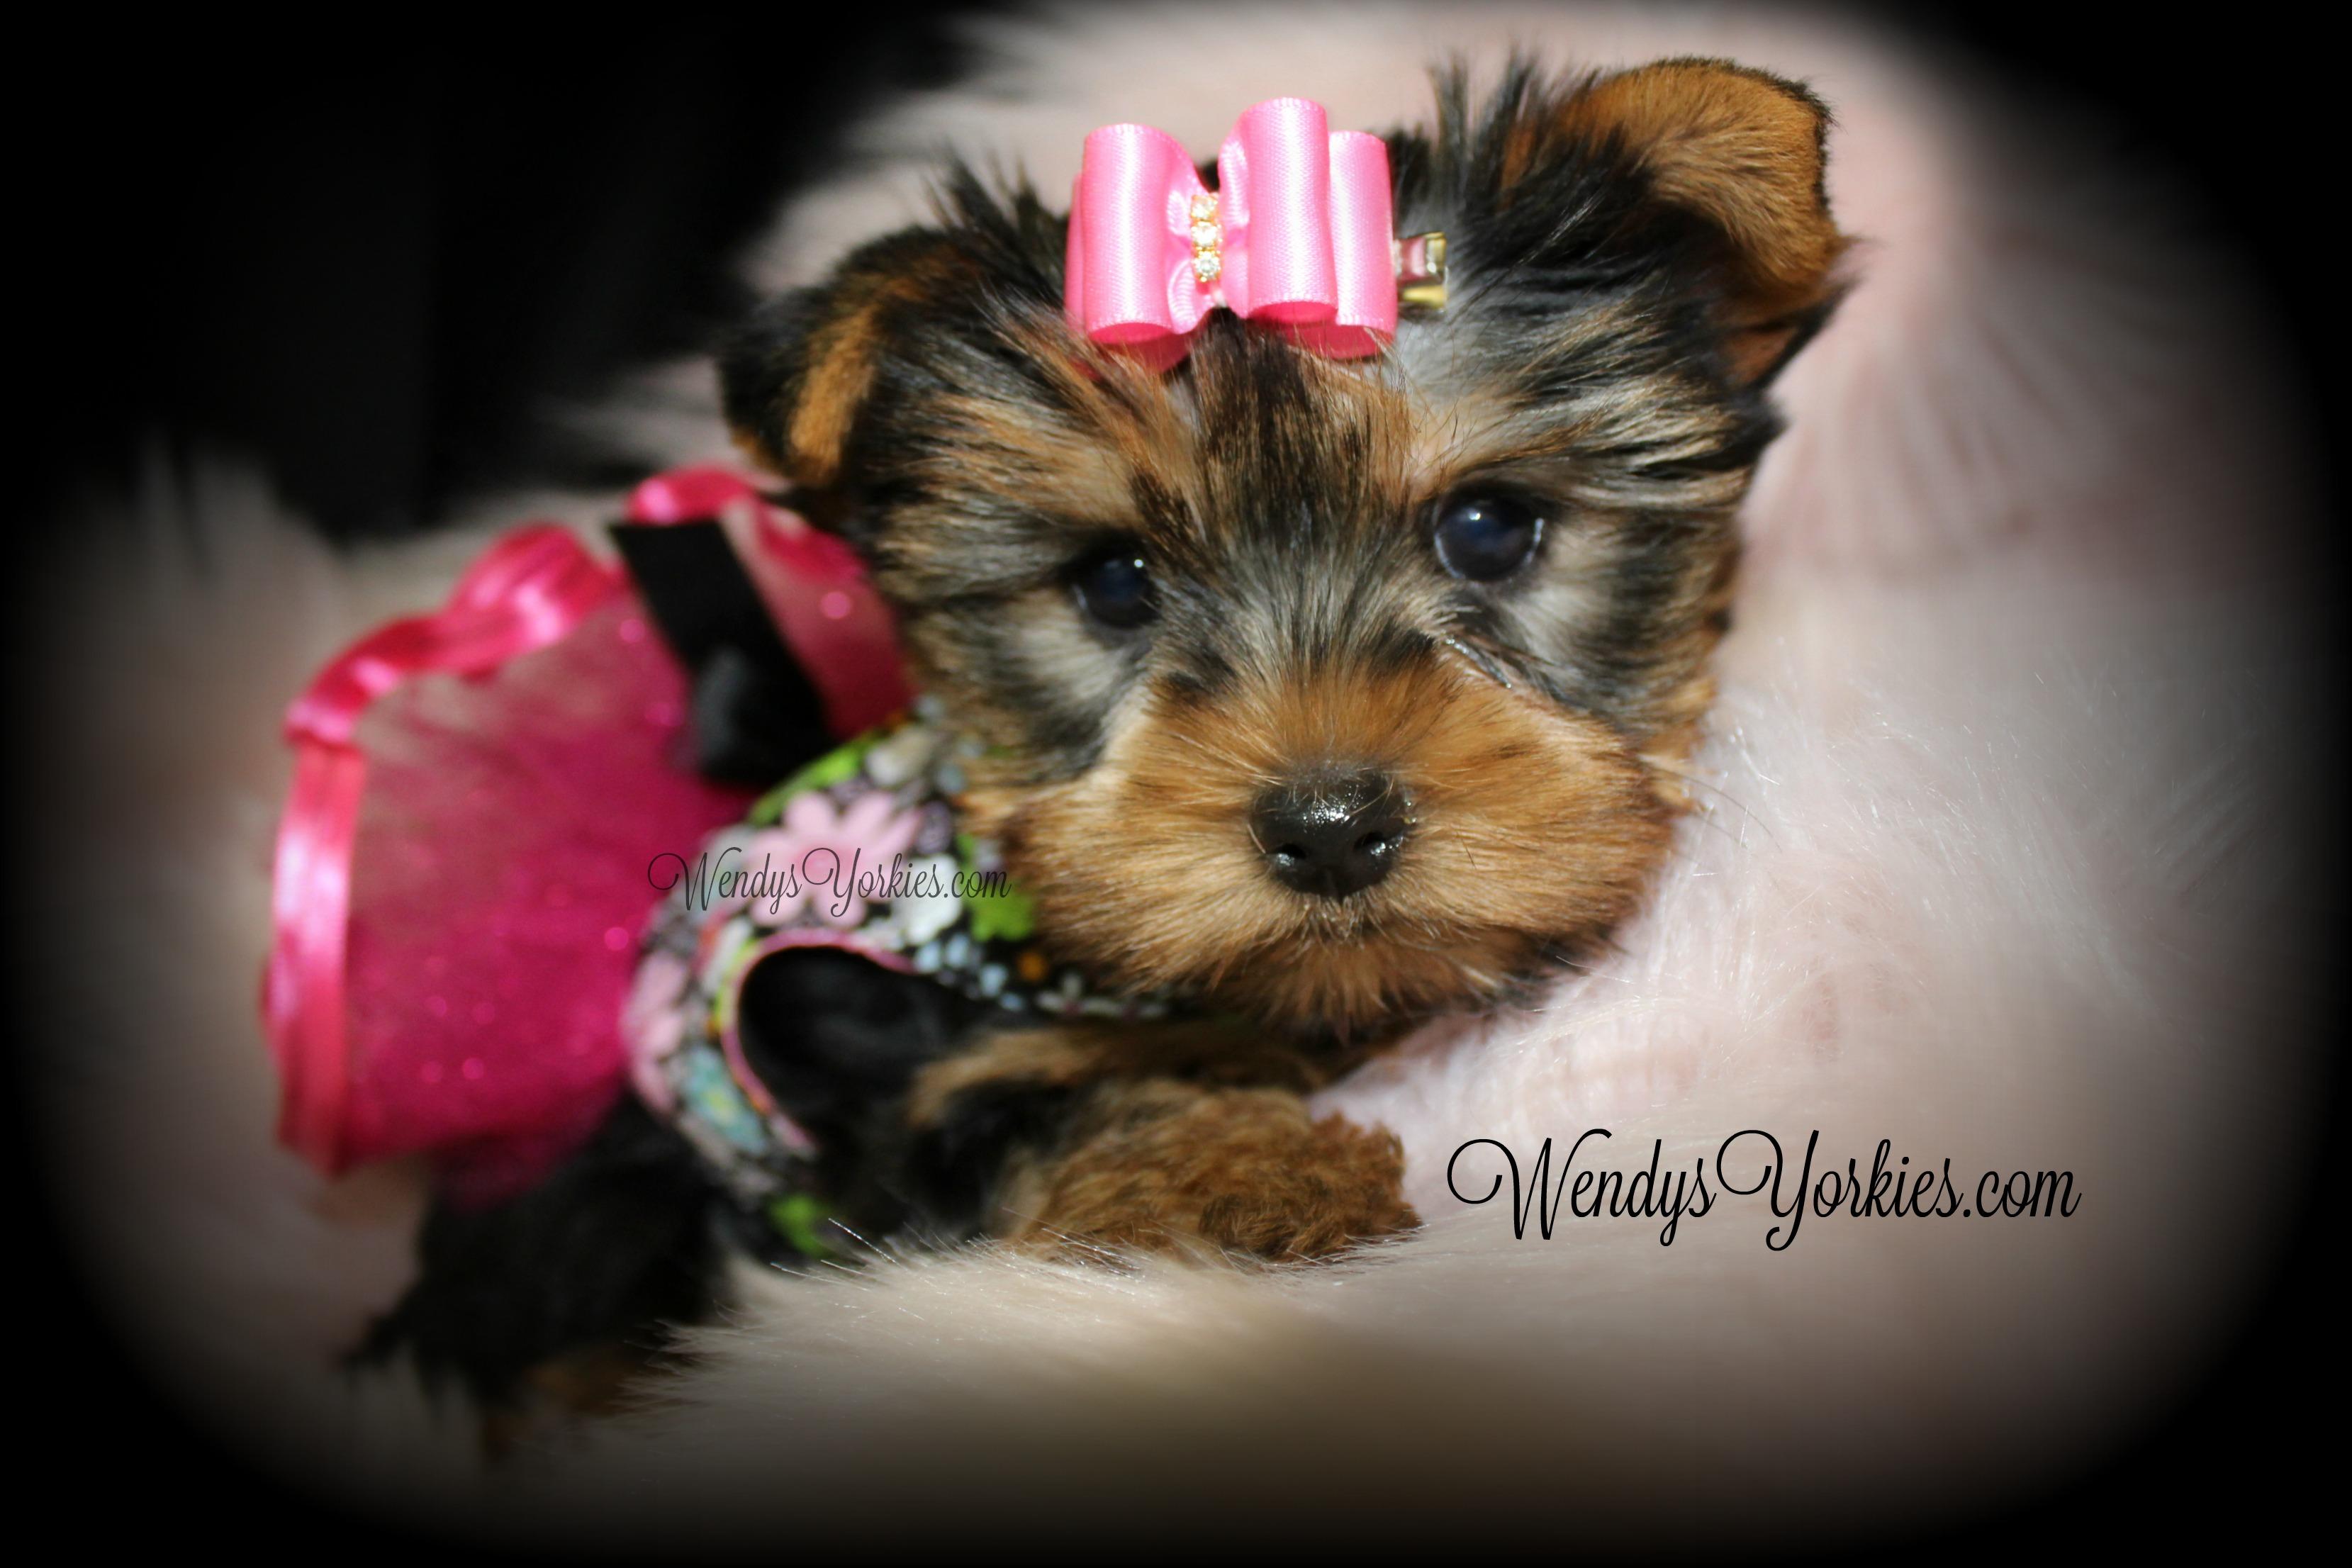 Teacup Yorkie puppies for sale, WendysYorkies.com, Star f1